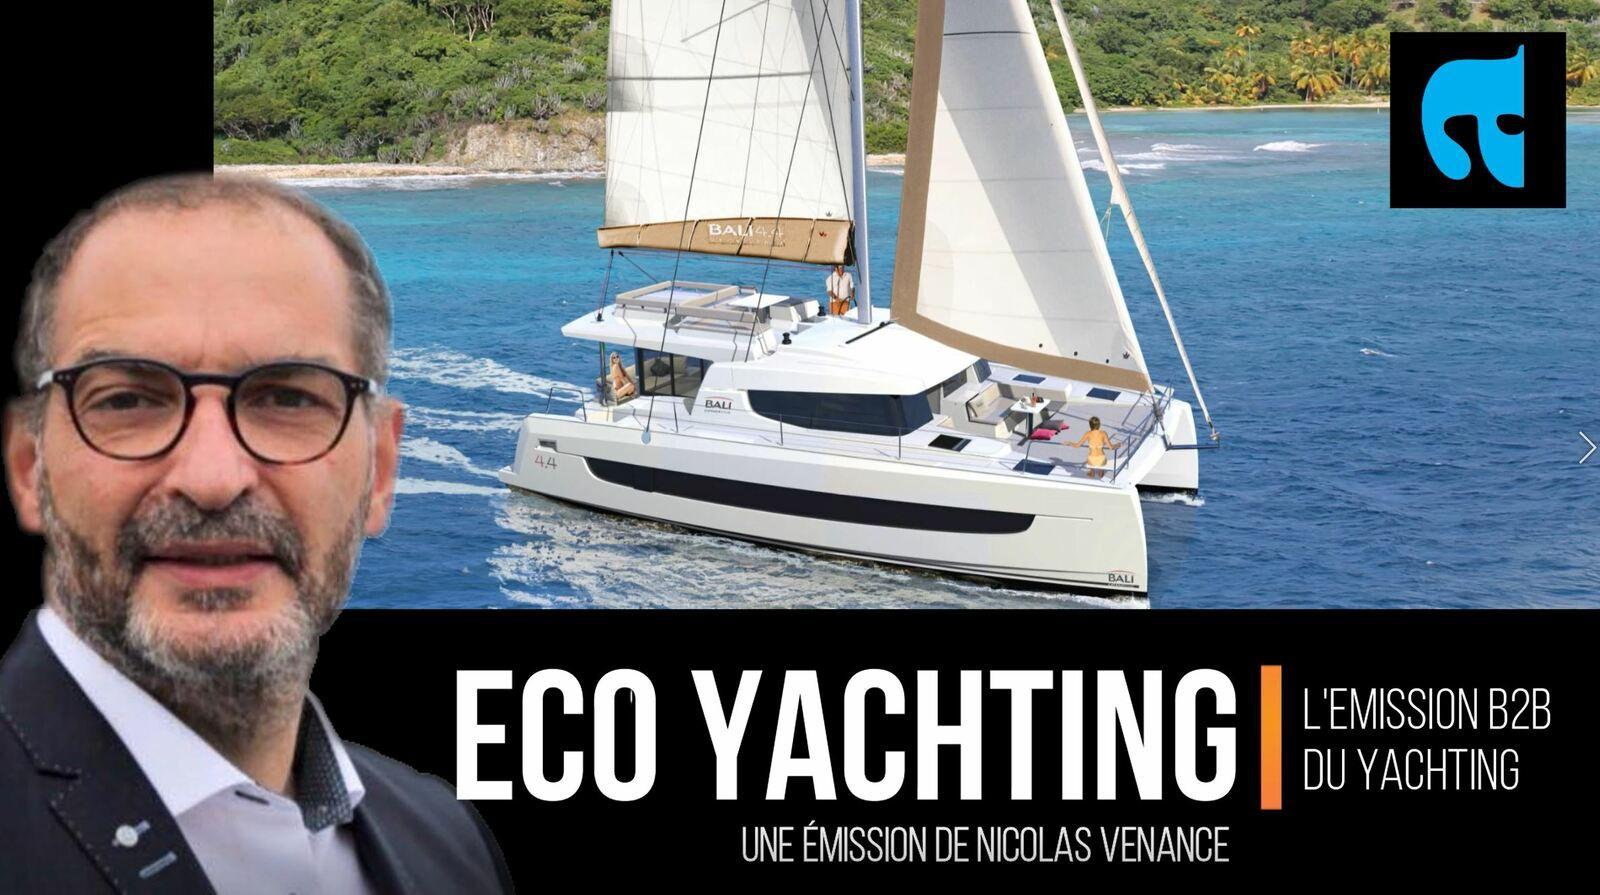 toute premiere annonce du lancement du Bali 4.4 par Bali Catamarans, dans l'émission Eco Yachting d'ActuNautique